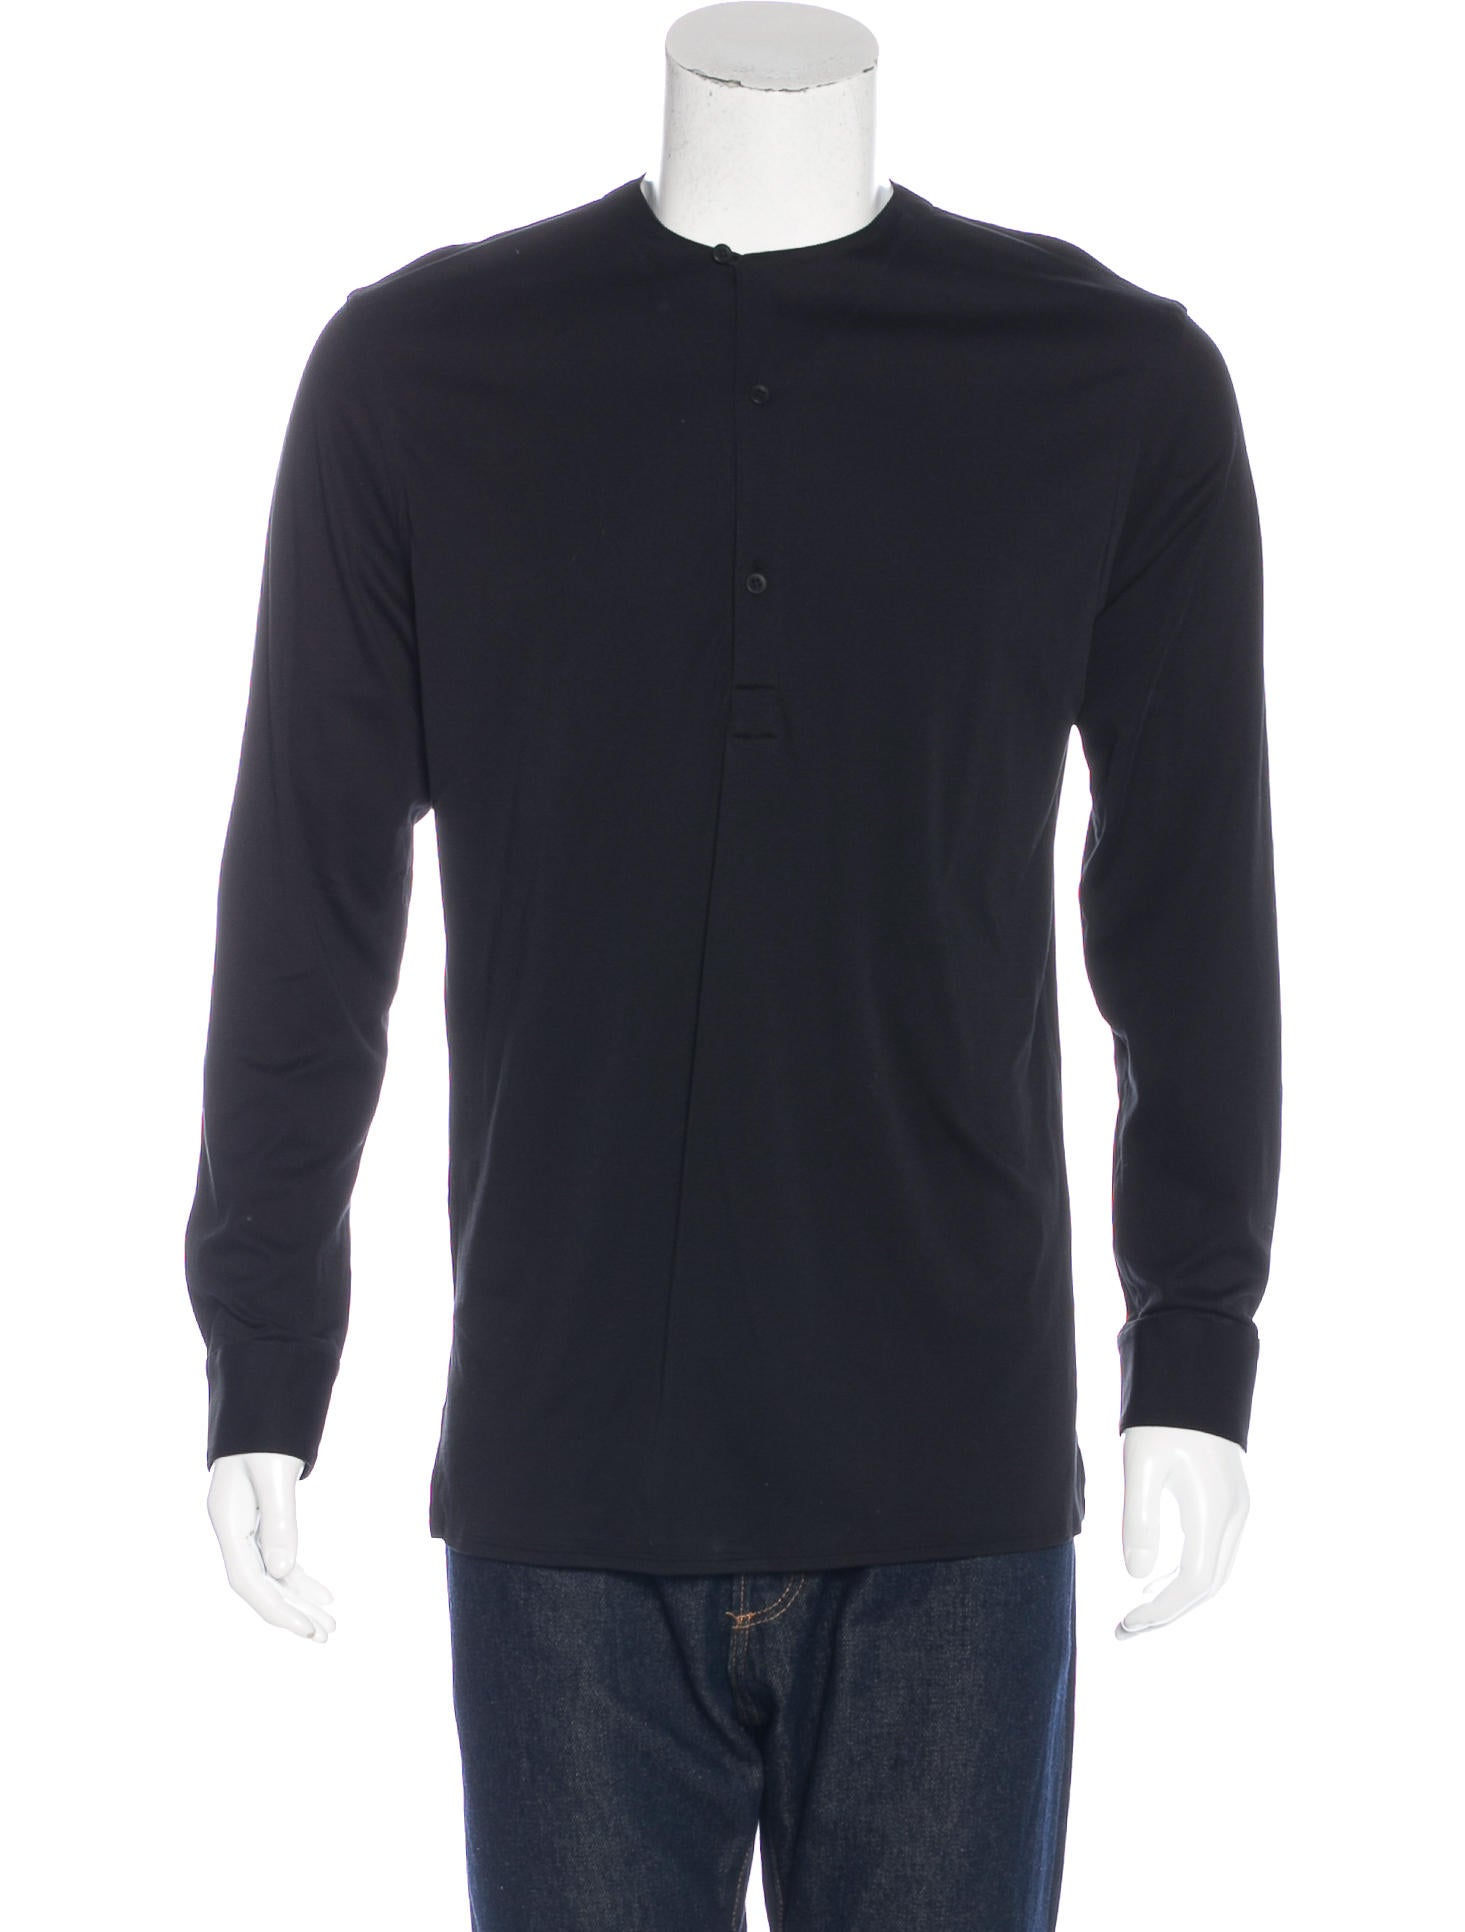 Helmut lang long sleeve henley t shirt clothing for Henley t shirt long sleeve